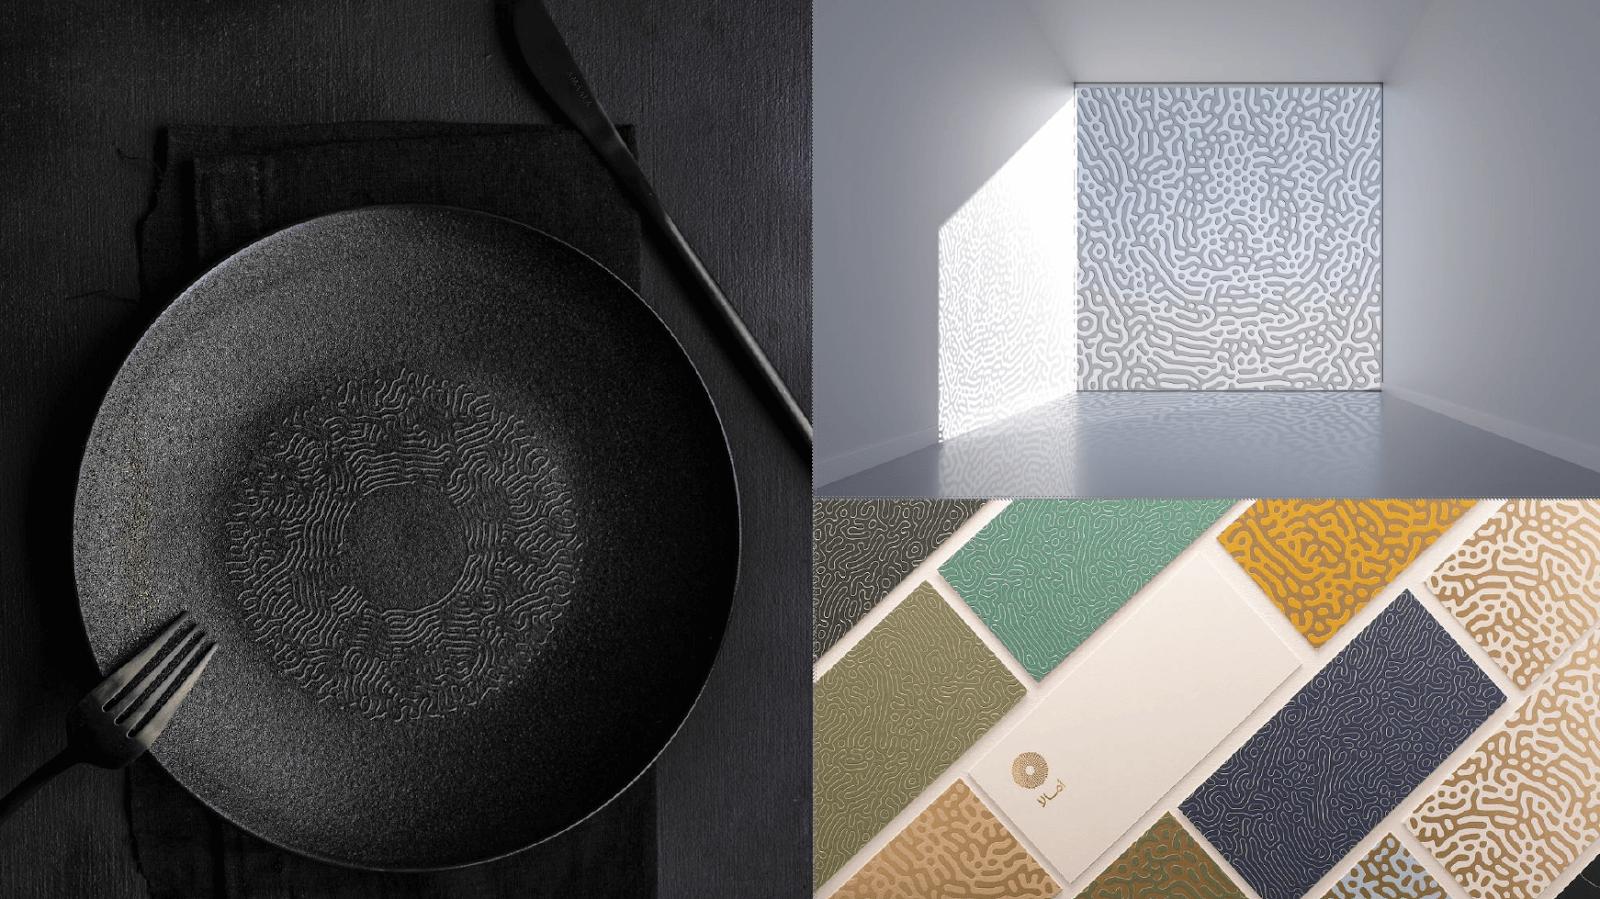 AMAALA crockery and interior design